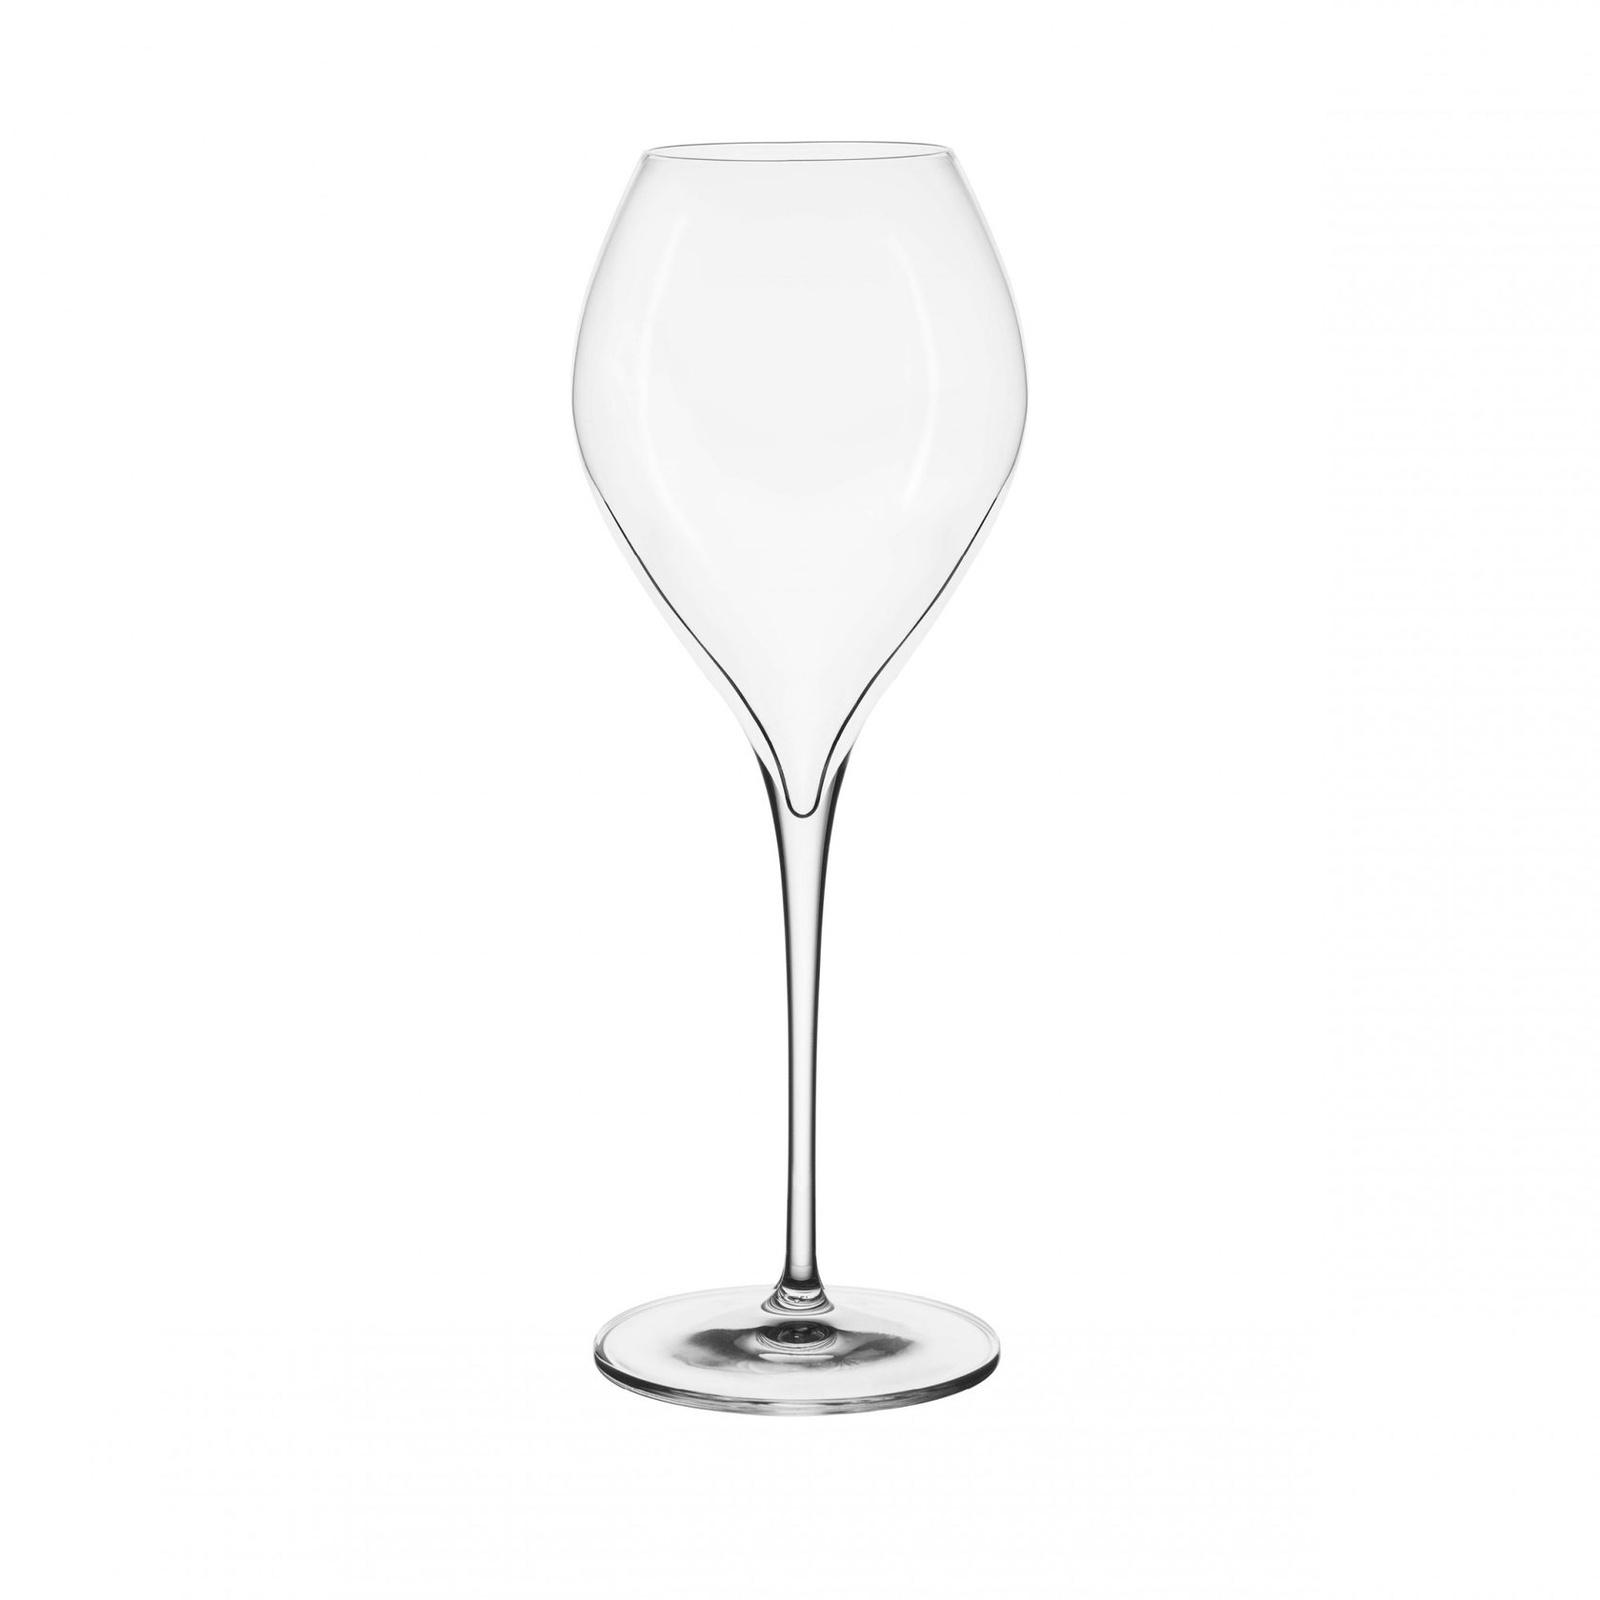 Бокал Lehmann Glass Jamesse Collection, 3700736905583, Хрустальное стекло3700736905583Гран Шампань 41 / Grand Champagne 41 Бессвинцовое хрустальное стекло высокого качества Технология машинного производства обеспечивает долговечность службы бокалов и ударопрочность, при этом бокалы сохраняют изящность и хорошую прозрачность благодаря ноу-хау наших технологов. Уникальное качество стекла, благодаря которому можно достигать высоких результатов как в производстве бокалов ручной работы так и при машинном производстве. · Высокий уровень чистоты и блеска бокалов · Высокая ударная прочность · Высокое качество звучания / звонкости Хорошая износостойкость Объем – 410 мл Высота: 234 мм Диаметр – 89 мм Игристые вина Машинное производство – бессвинцовый хрусталь Бренд: Lehmann Glass Страна: Франция Материал: Хрусталь Набор - 6 бокалов.